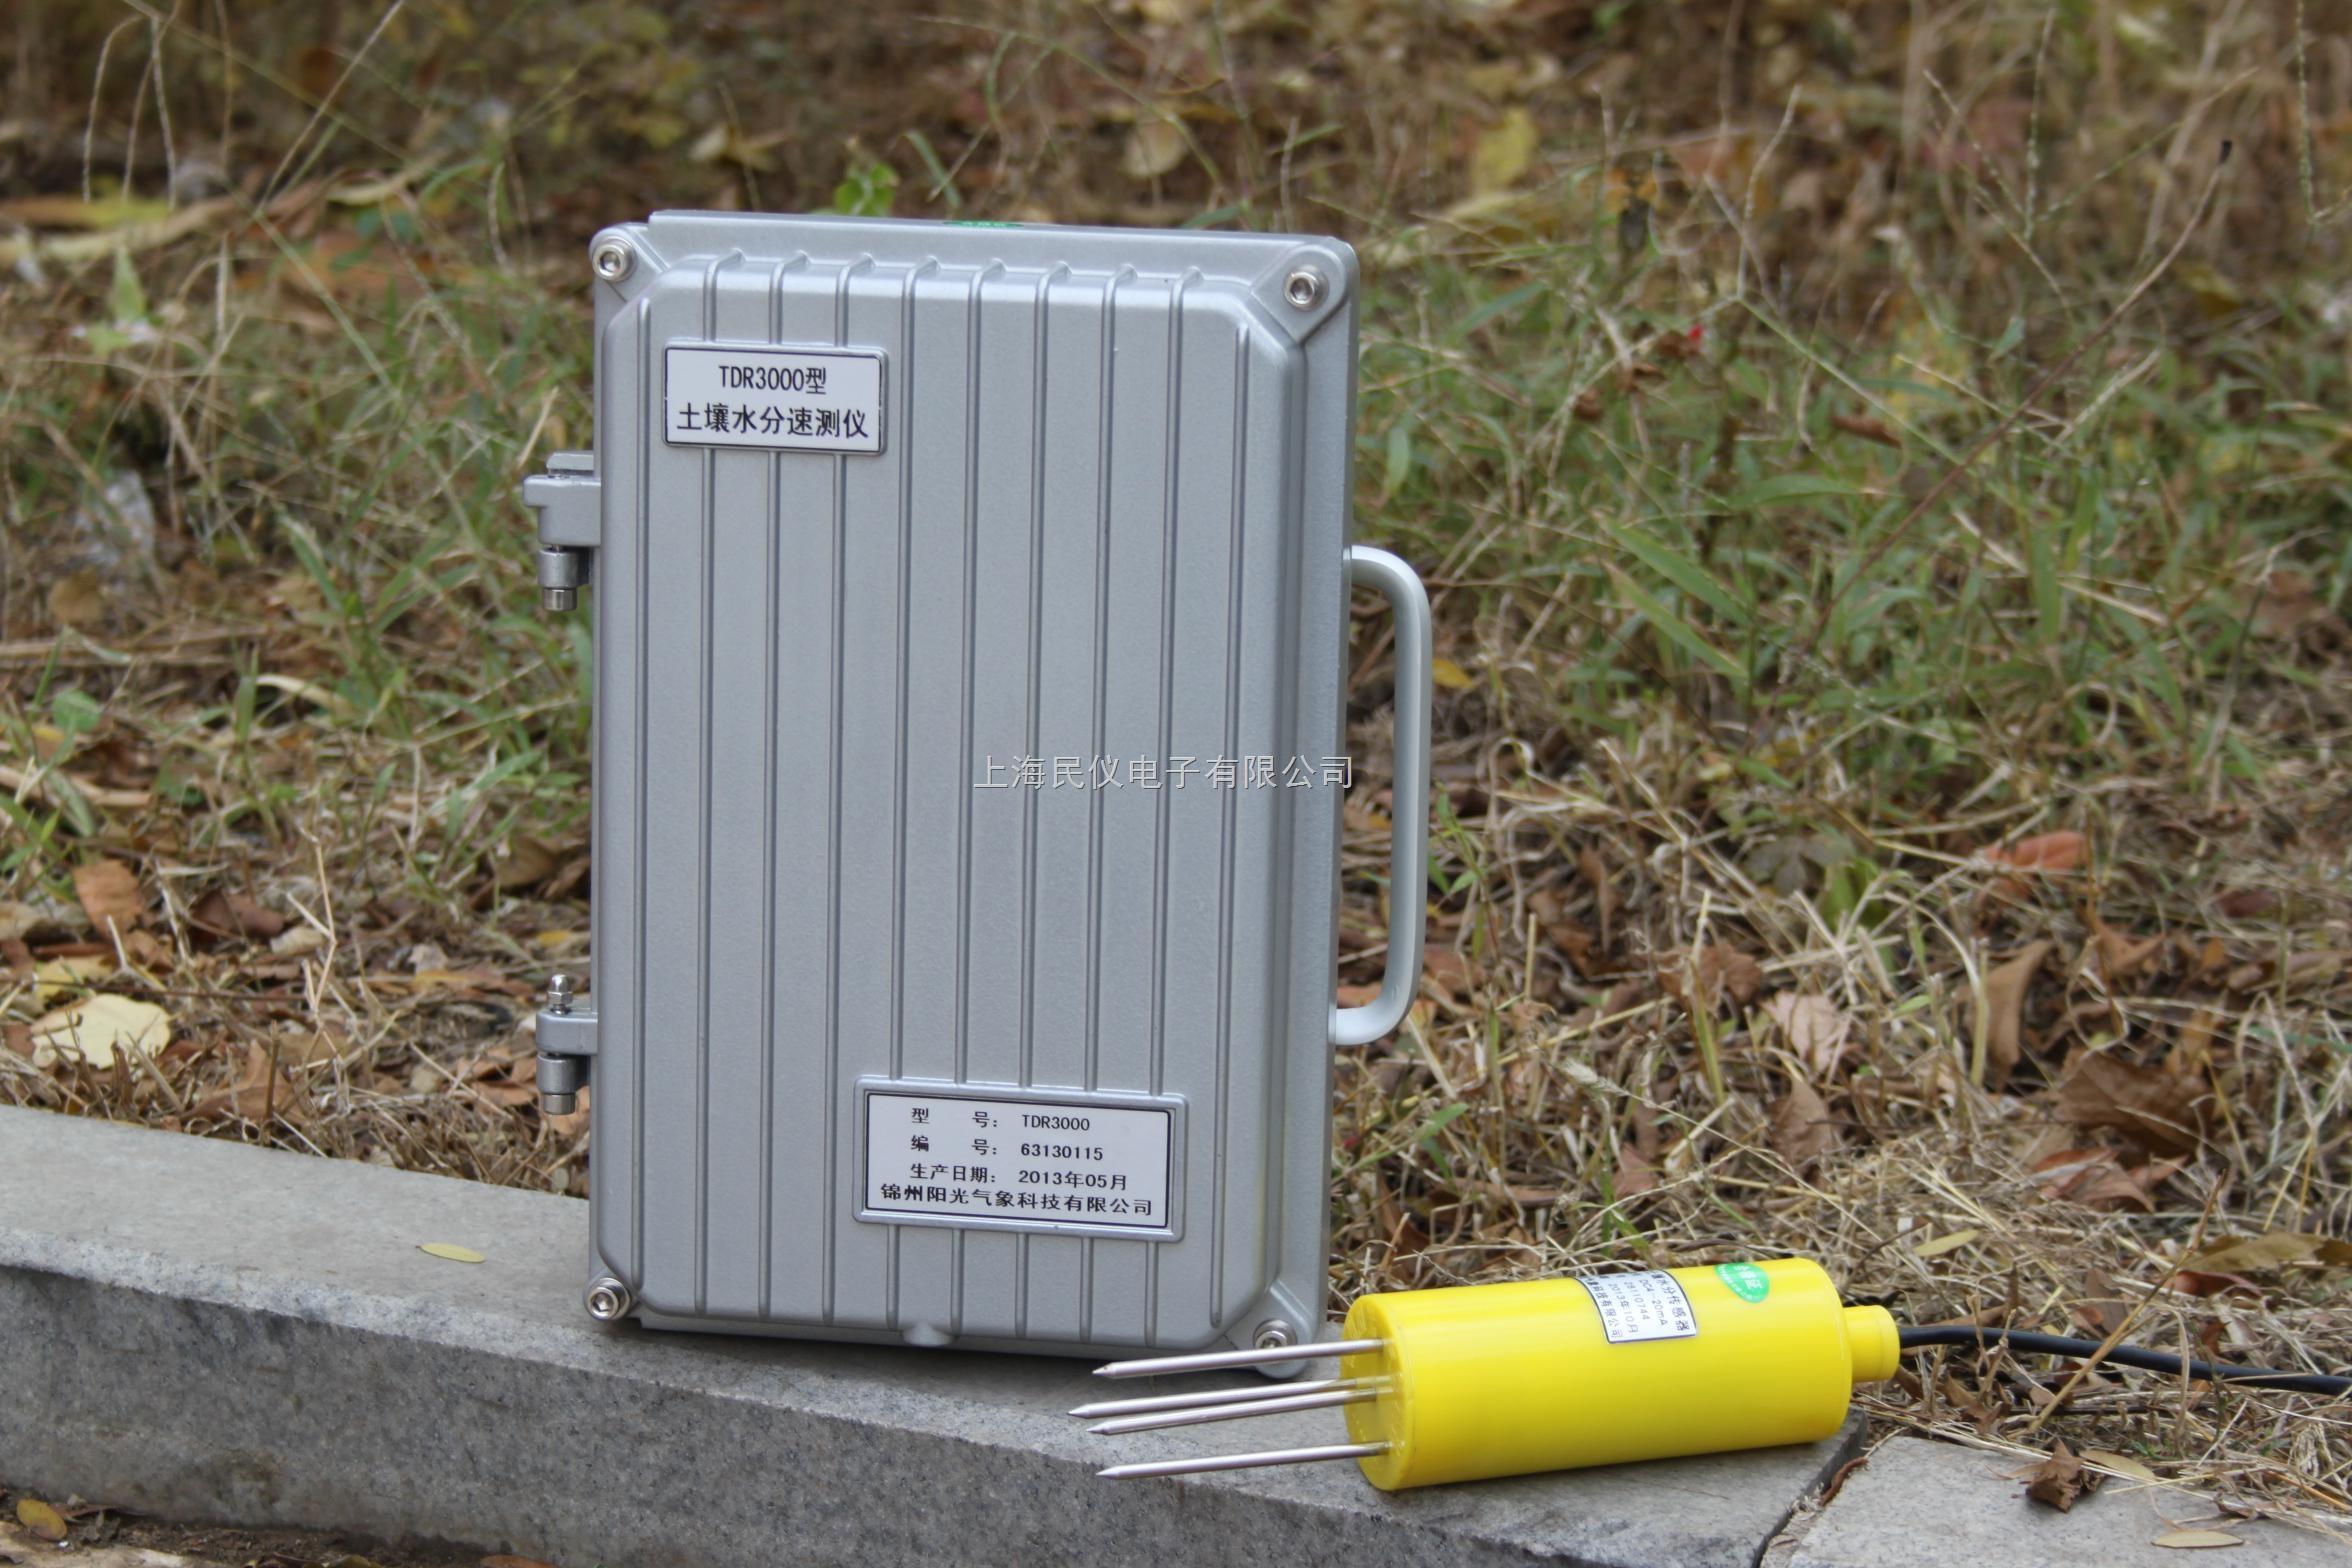 TDR1000型土壤水分速测仪(时域反射仪)